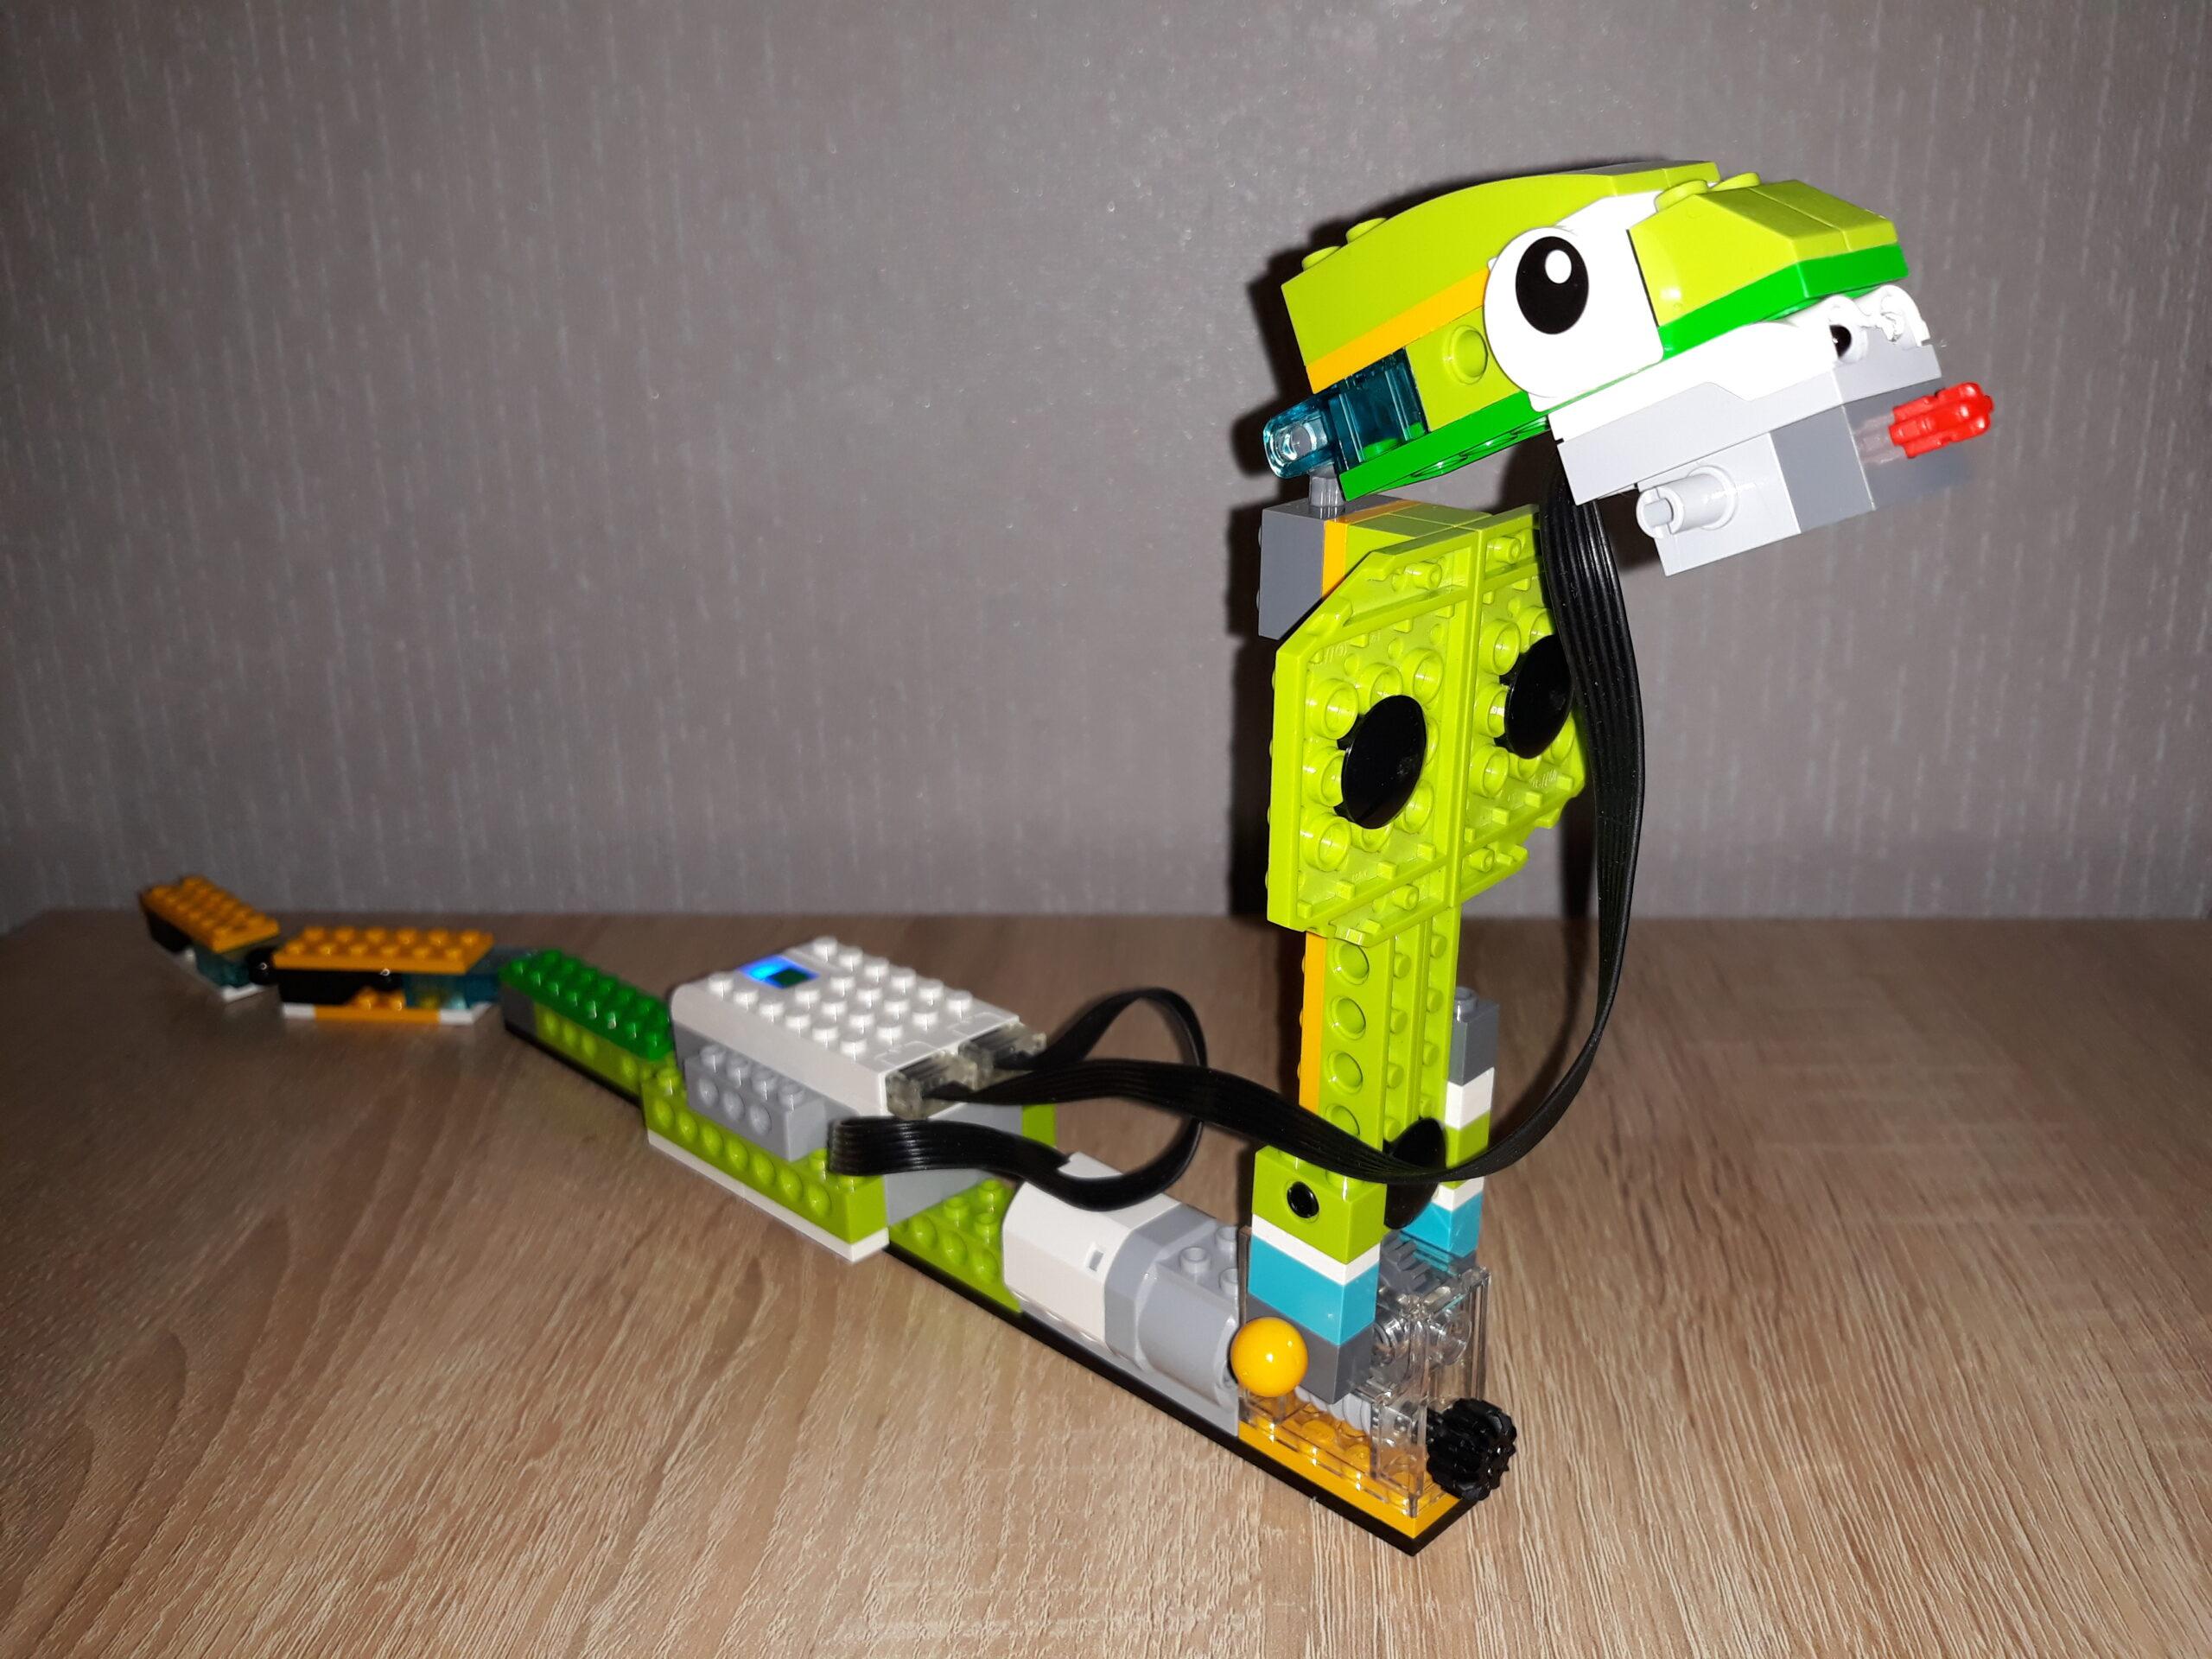 Скачать инструкцию по сборке из набора LEGO Education WeDo 2.0 Кобра